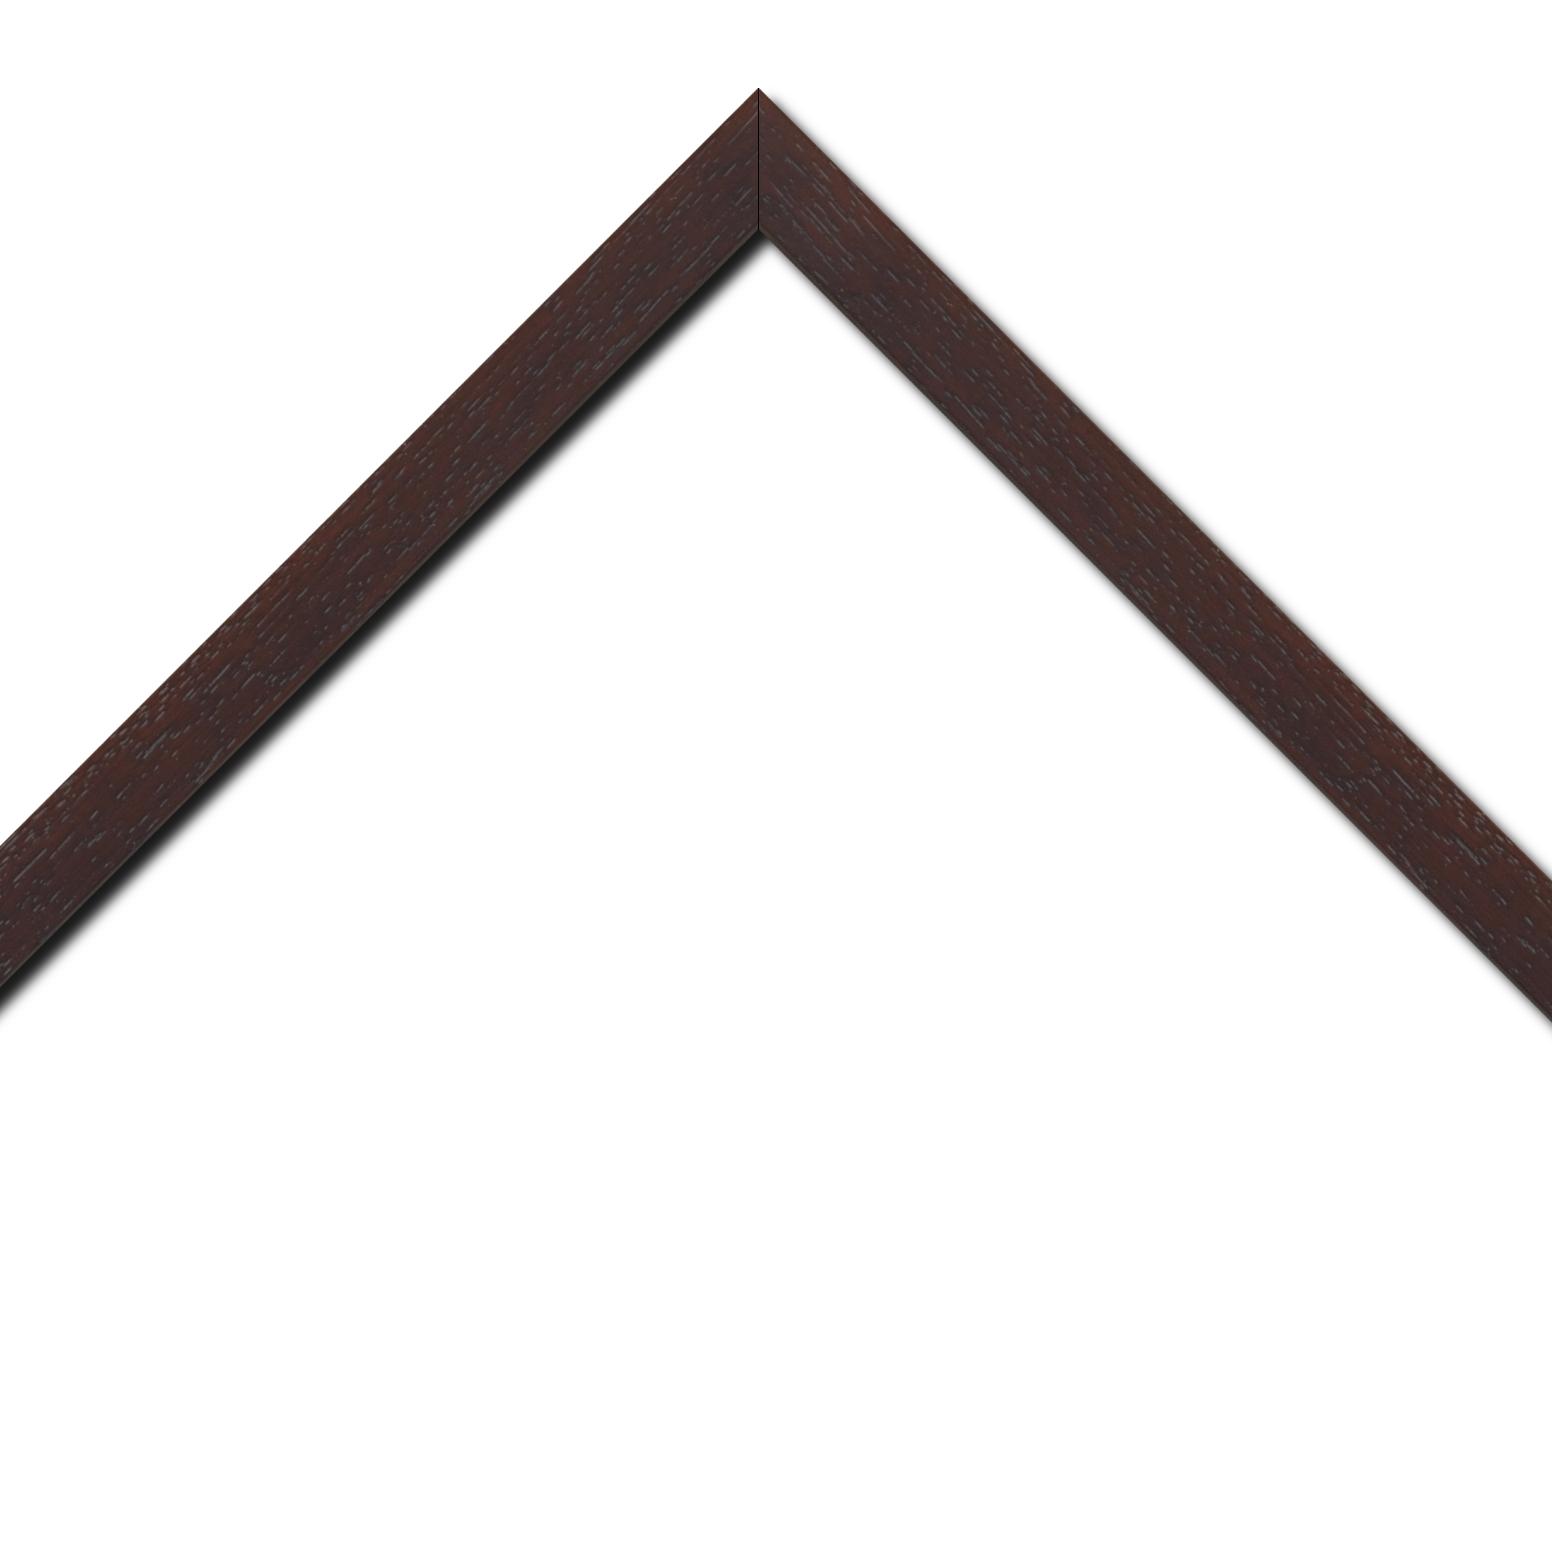 Baguette bois profil plat largeur 2cm hauteur 3.3cm marron foncé satiné (aussi appelé cache clou)